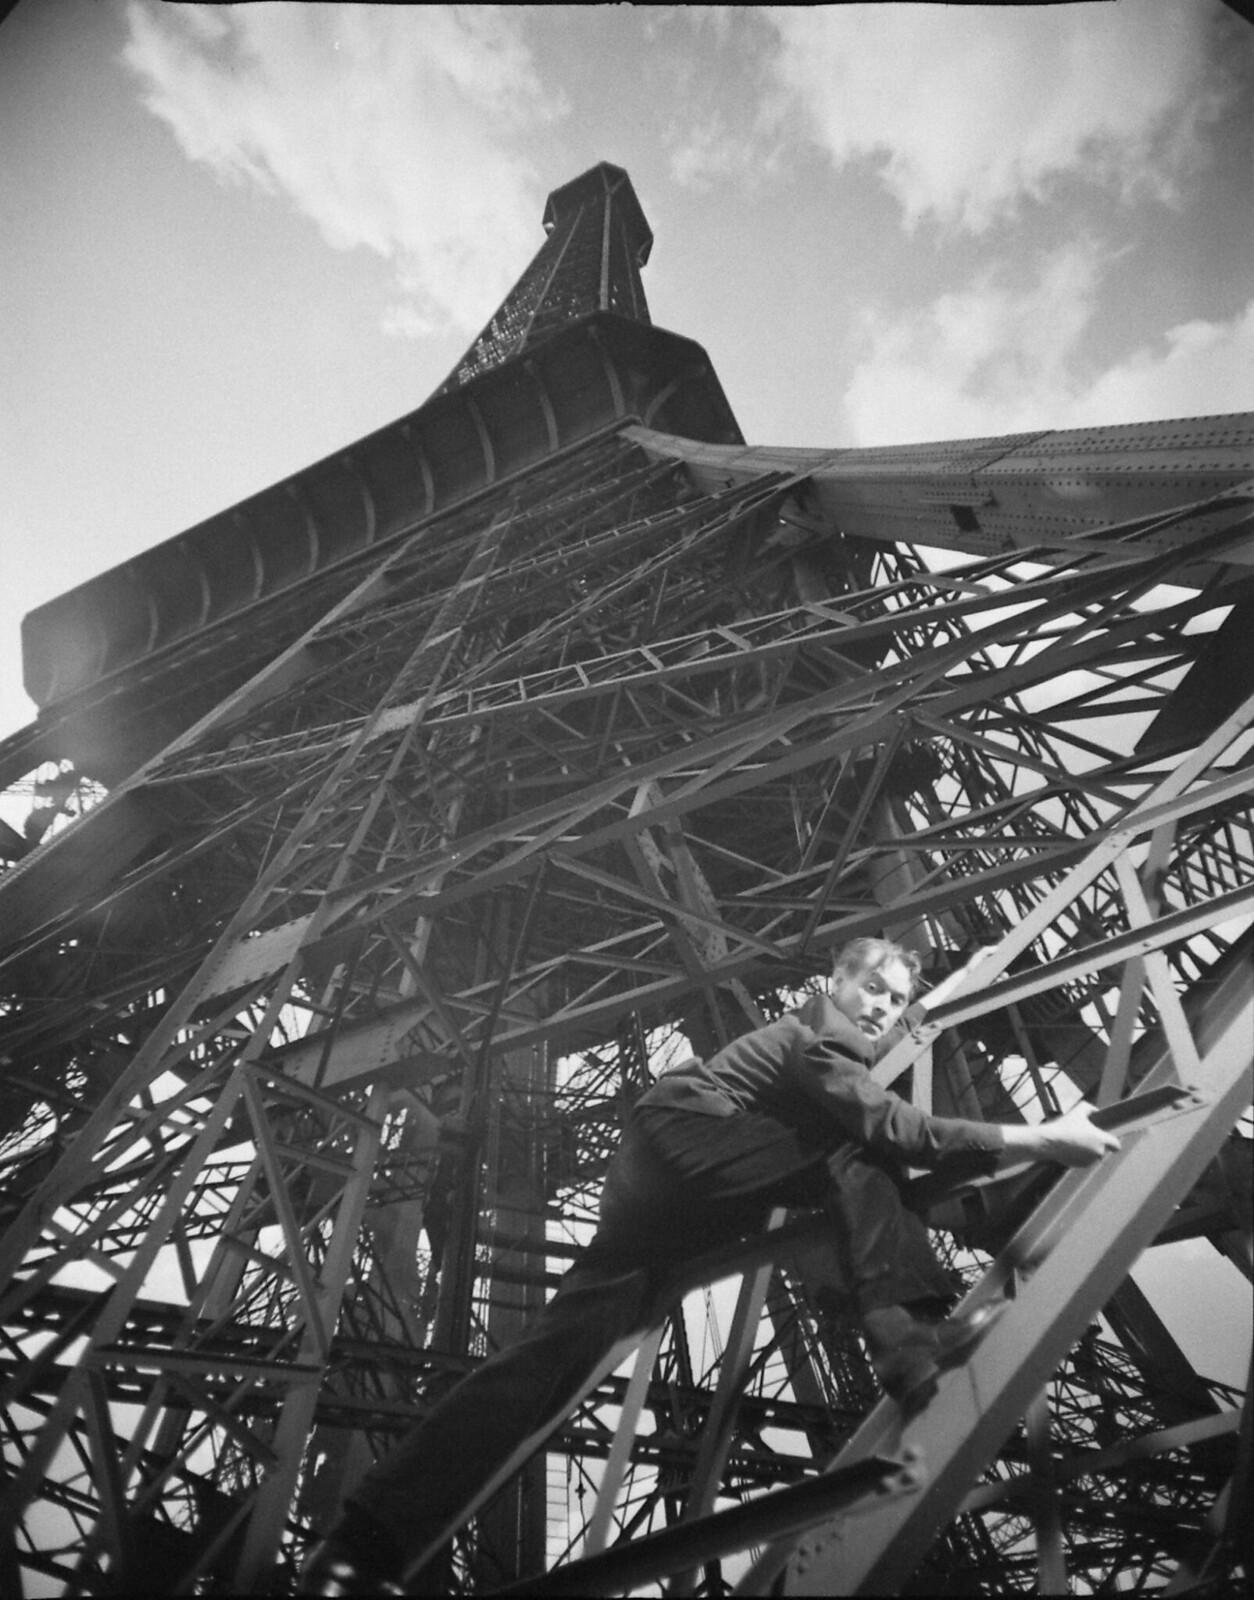 05. 1949. Мужчина поднимается на Эйфелеву башню во время съемок фильма «Человек на Эйфелевой башне», июнь